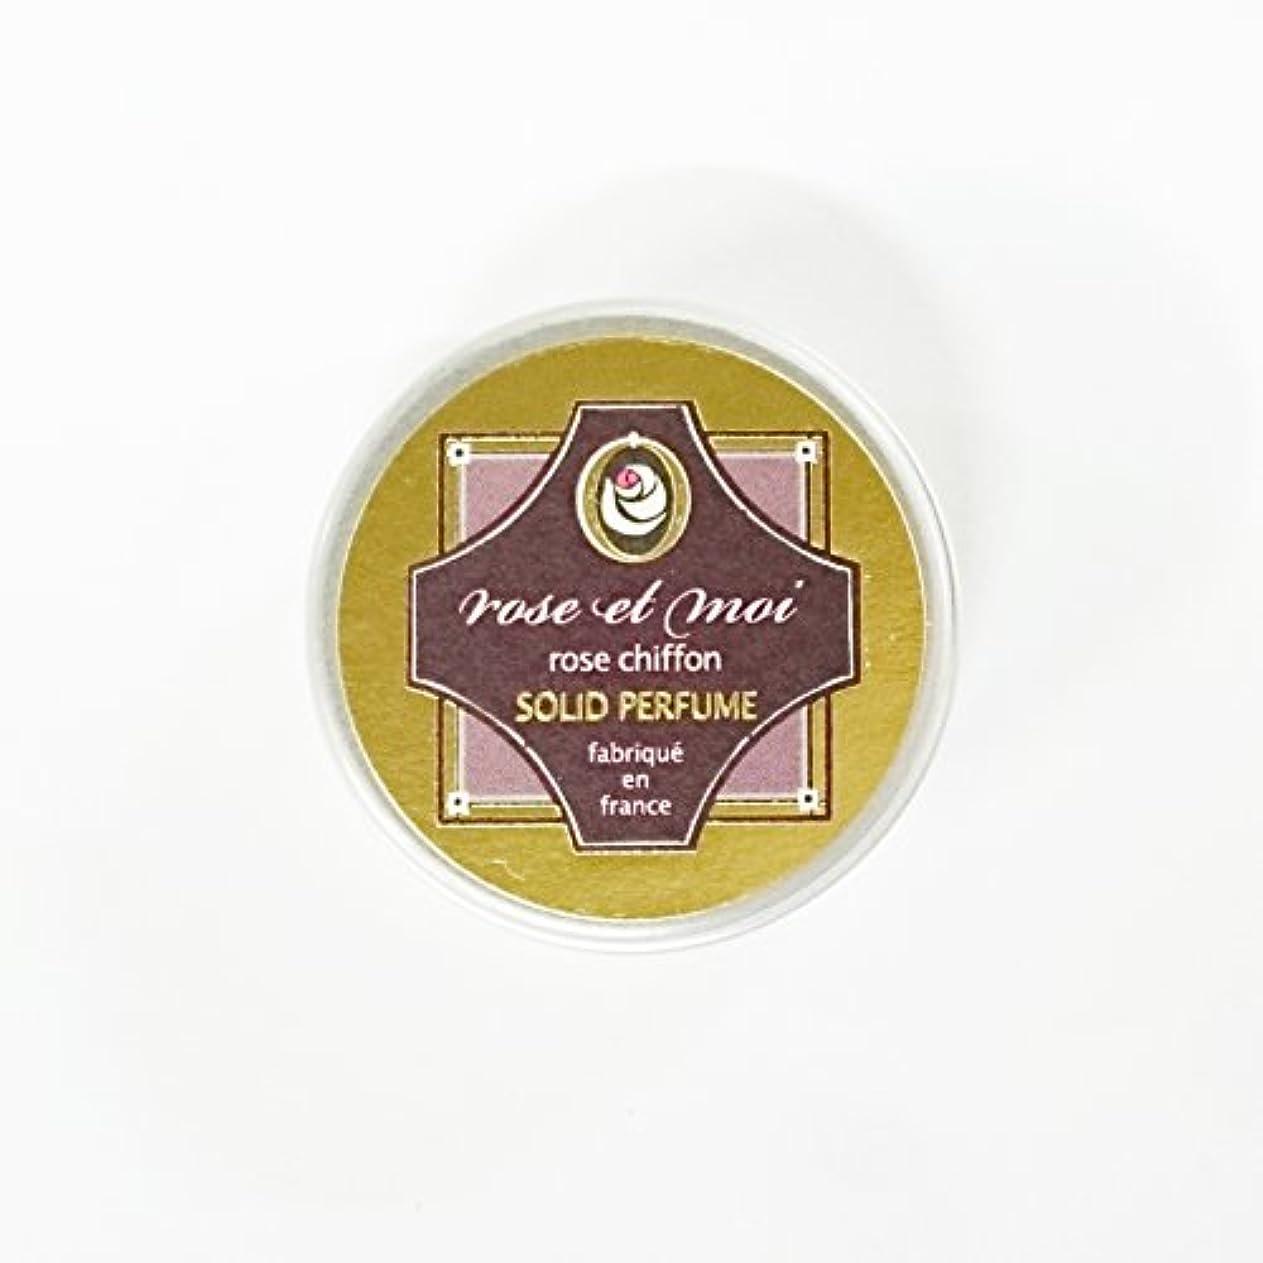 必要としている住所下に向けますLothantique(ロタンティック) ローズエモア 練り香水 10g 「ローズシフォン」 4994228026927